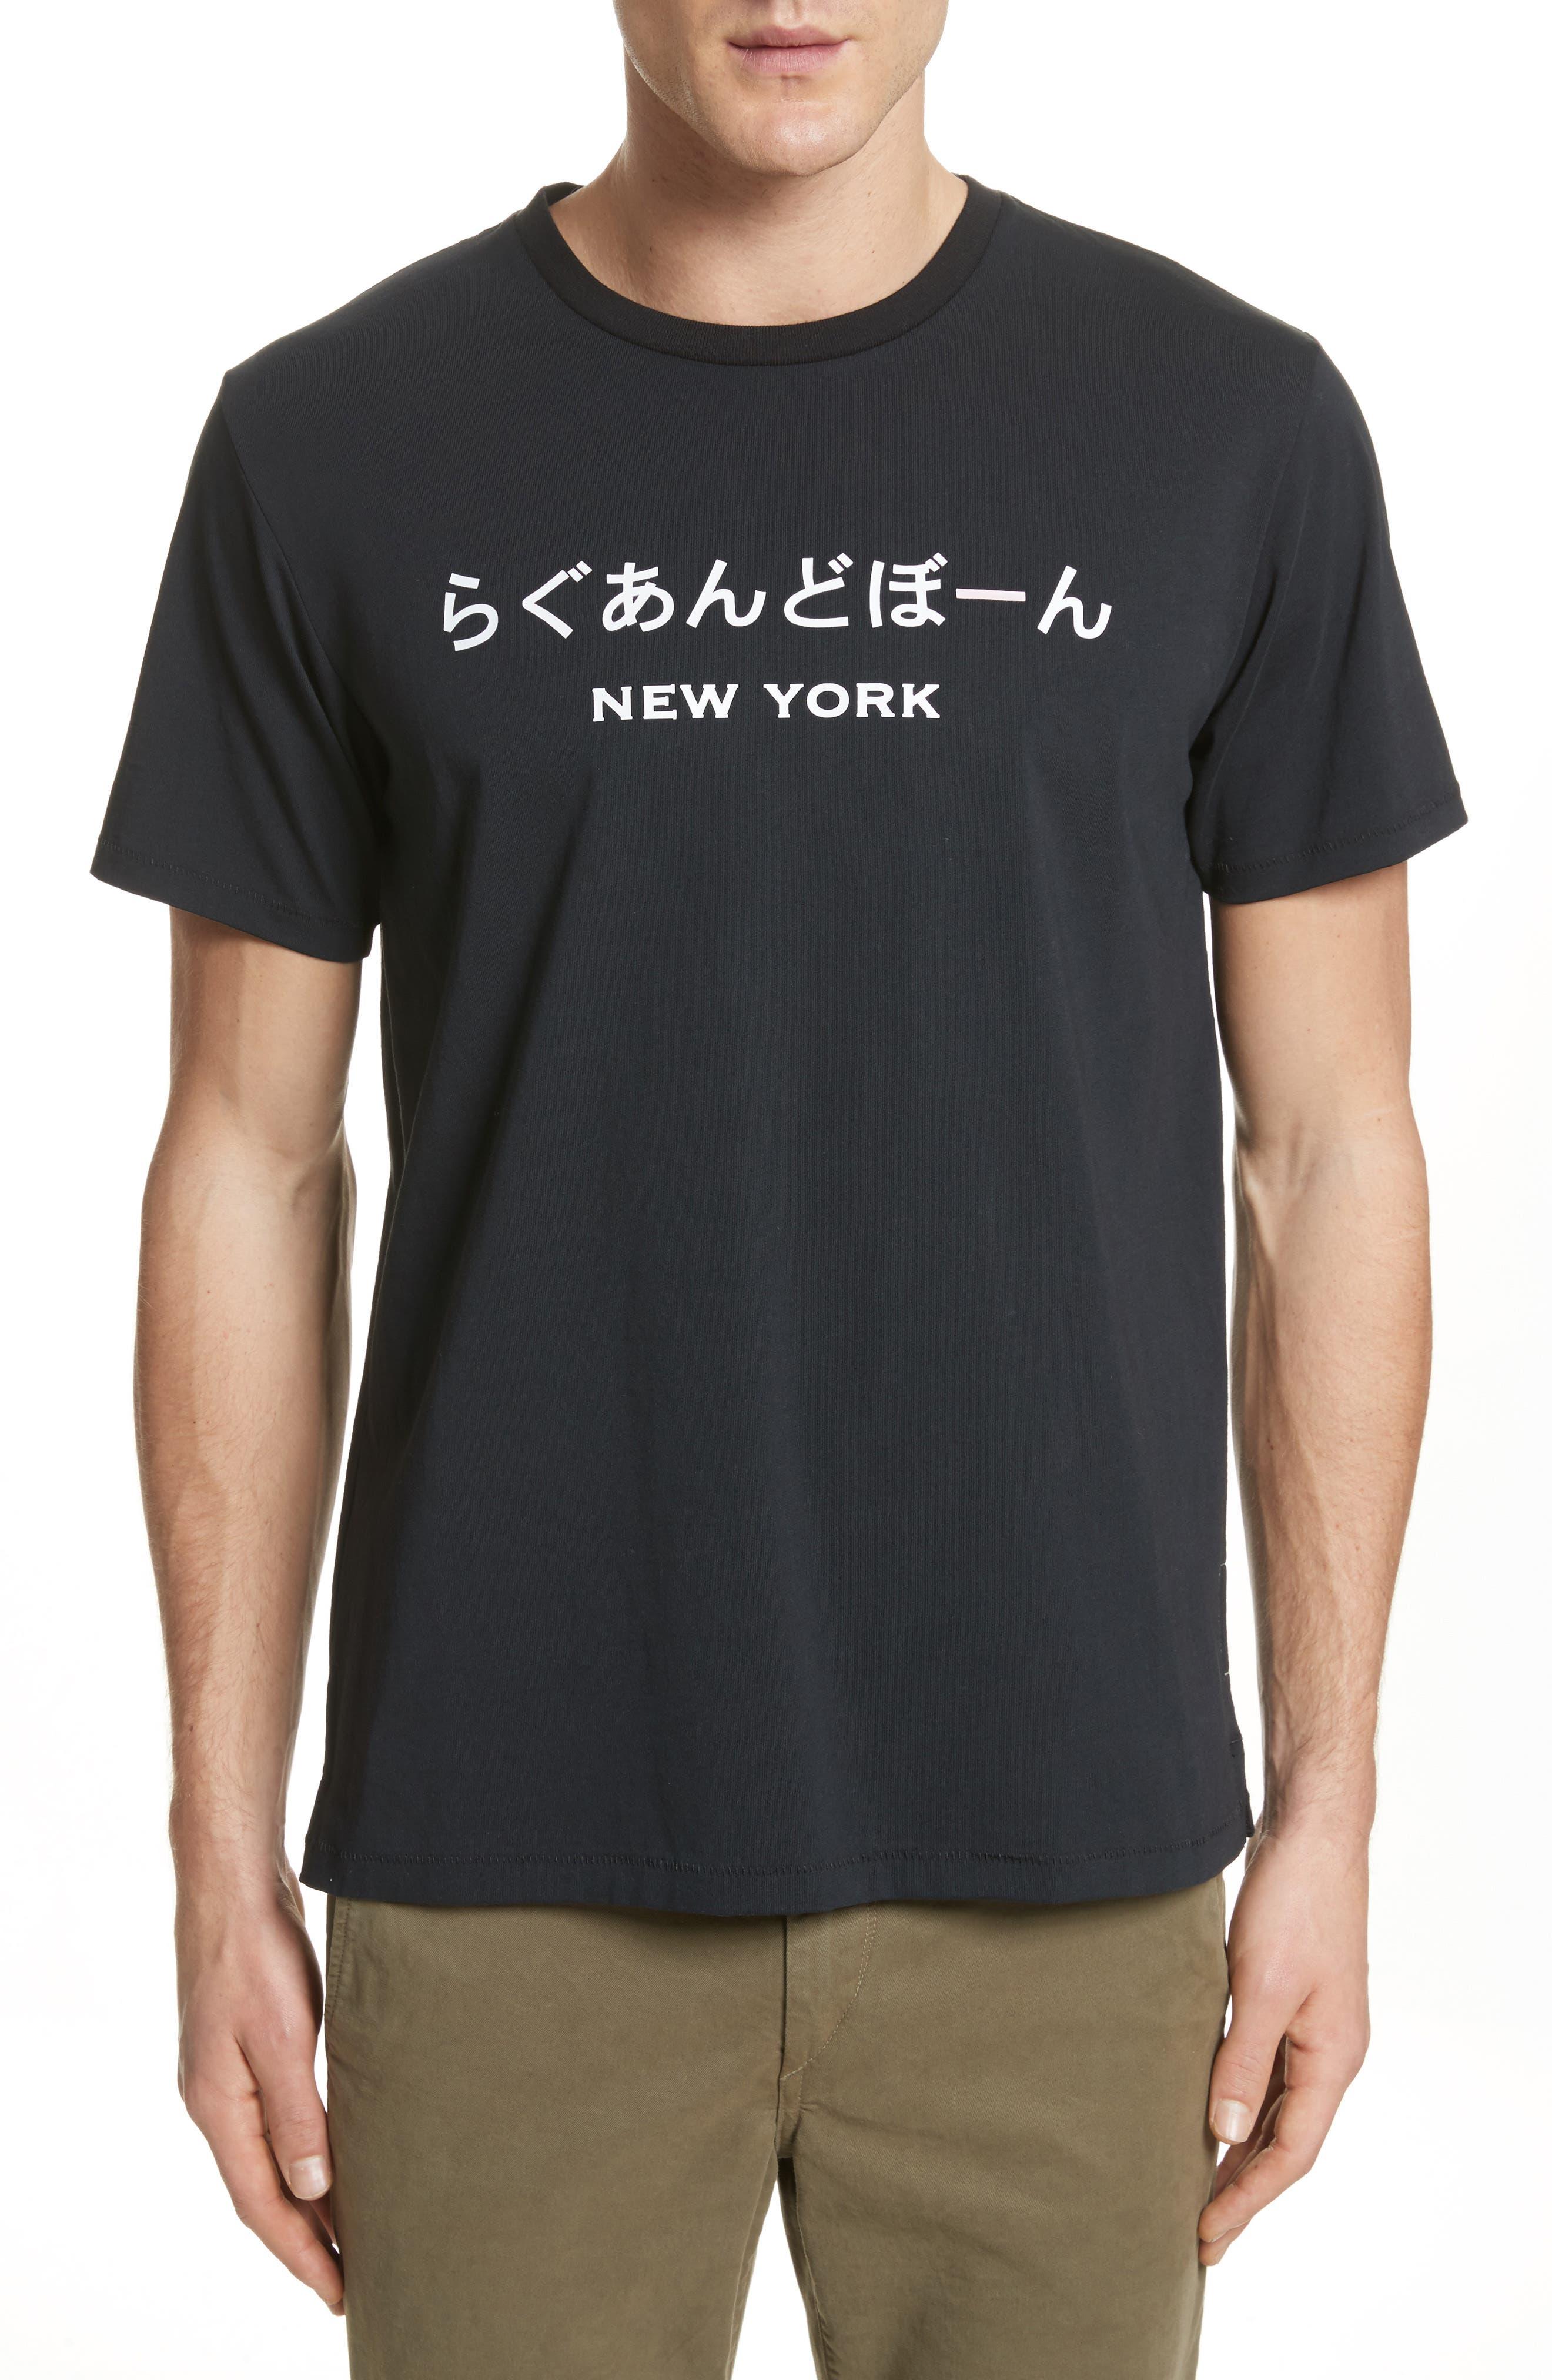 rag & bone Japan Graphic T-Shirt